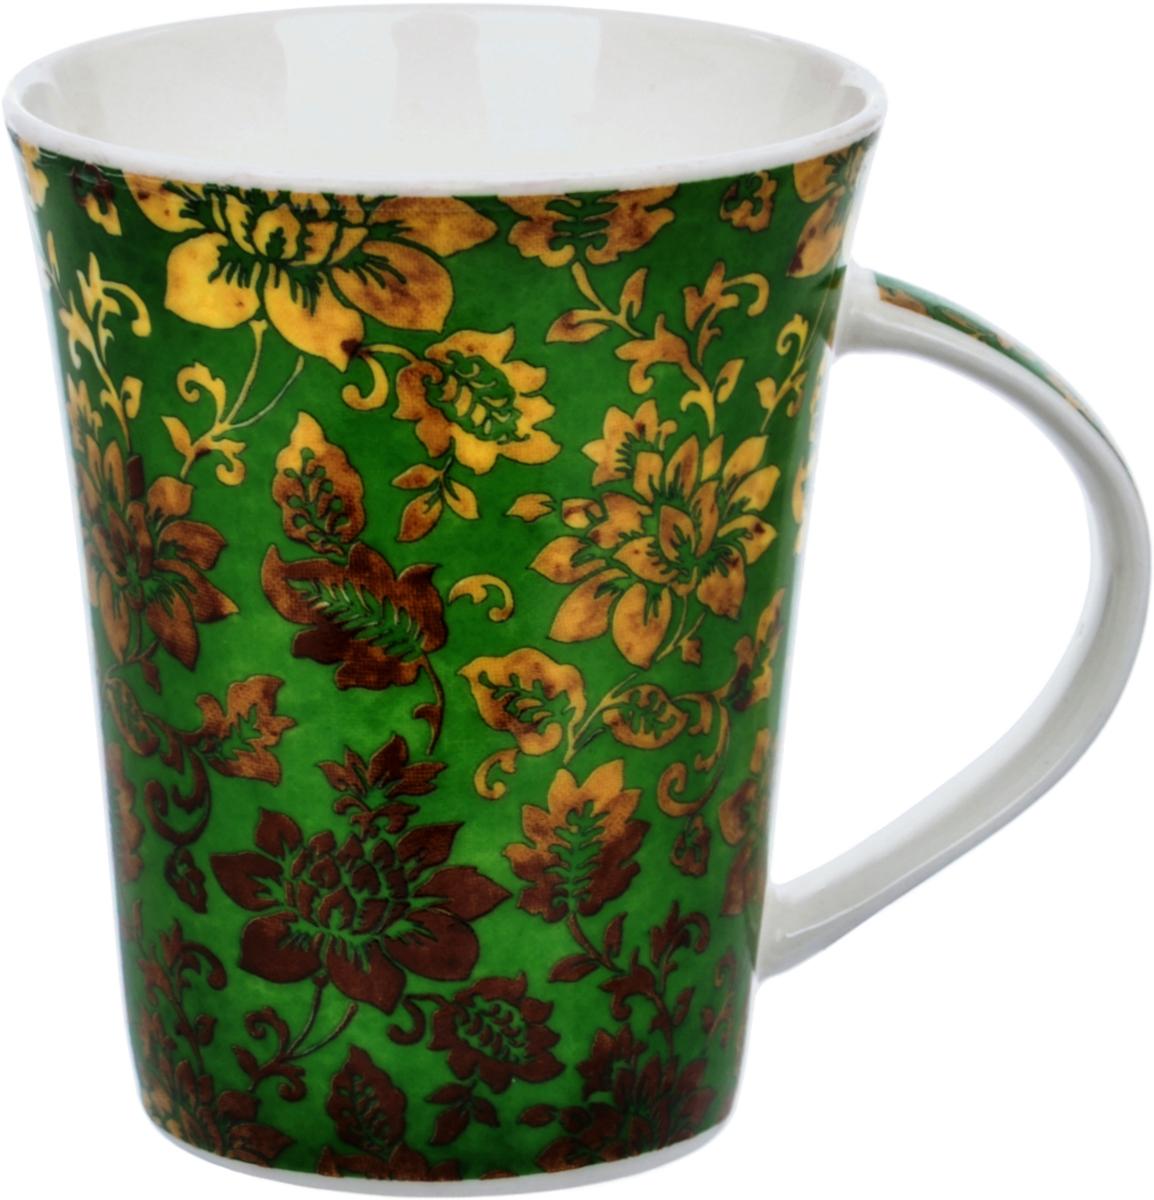 Кружка Liling Quanhu Восточный орнамент, цвет: зеленый, 380 млLQB18-C108_3Кружки Quanhu - глянцевые кружки из молочно-белого фарфора с цветными деколями. Гладкие, устойчивые, с удобной широкой ручкой. Одинаково хороши для горячих и холодных напитков. Поскольку кружка отражает индивидуальность своего владельца, вы сами выбираете, какими вас будут воспринимать окружающие. Нежные, в сдержанных тонах, или яркие футуристические, буйство красок и фантазии. Для офиса и для дома. Для компании, семьи. Хороший подарок коллегам и близким. Кружки можно использовать в СВЧ и мыть в ПММ.